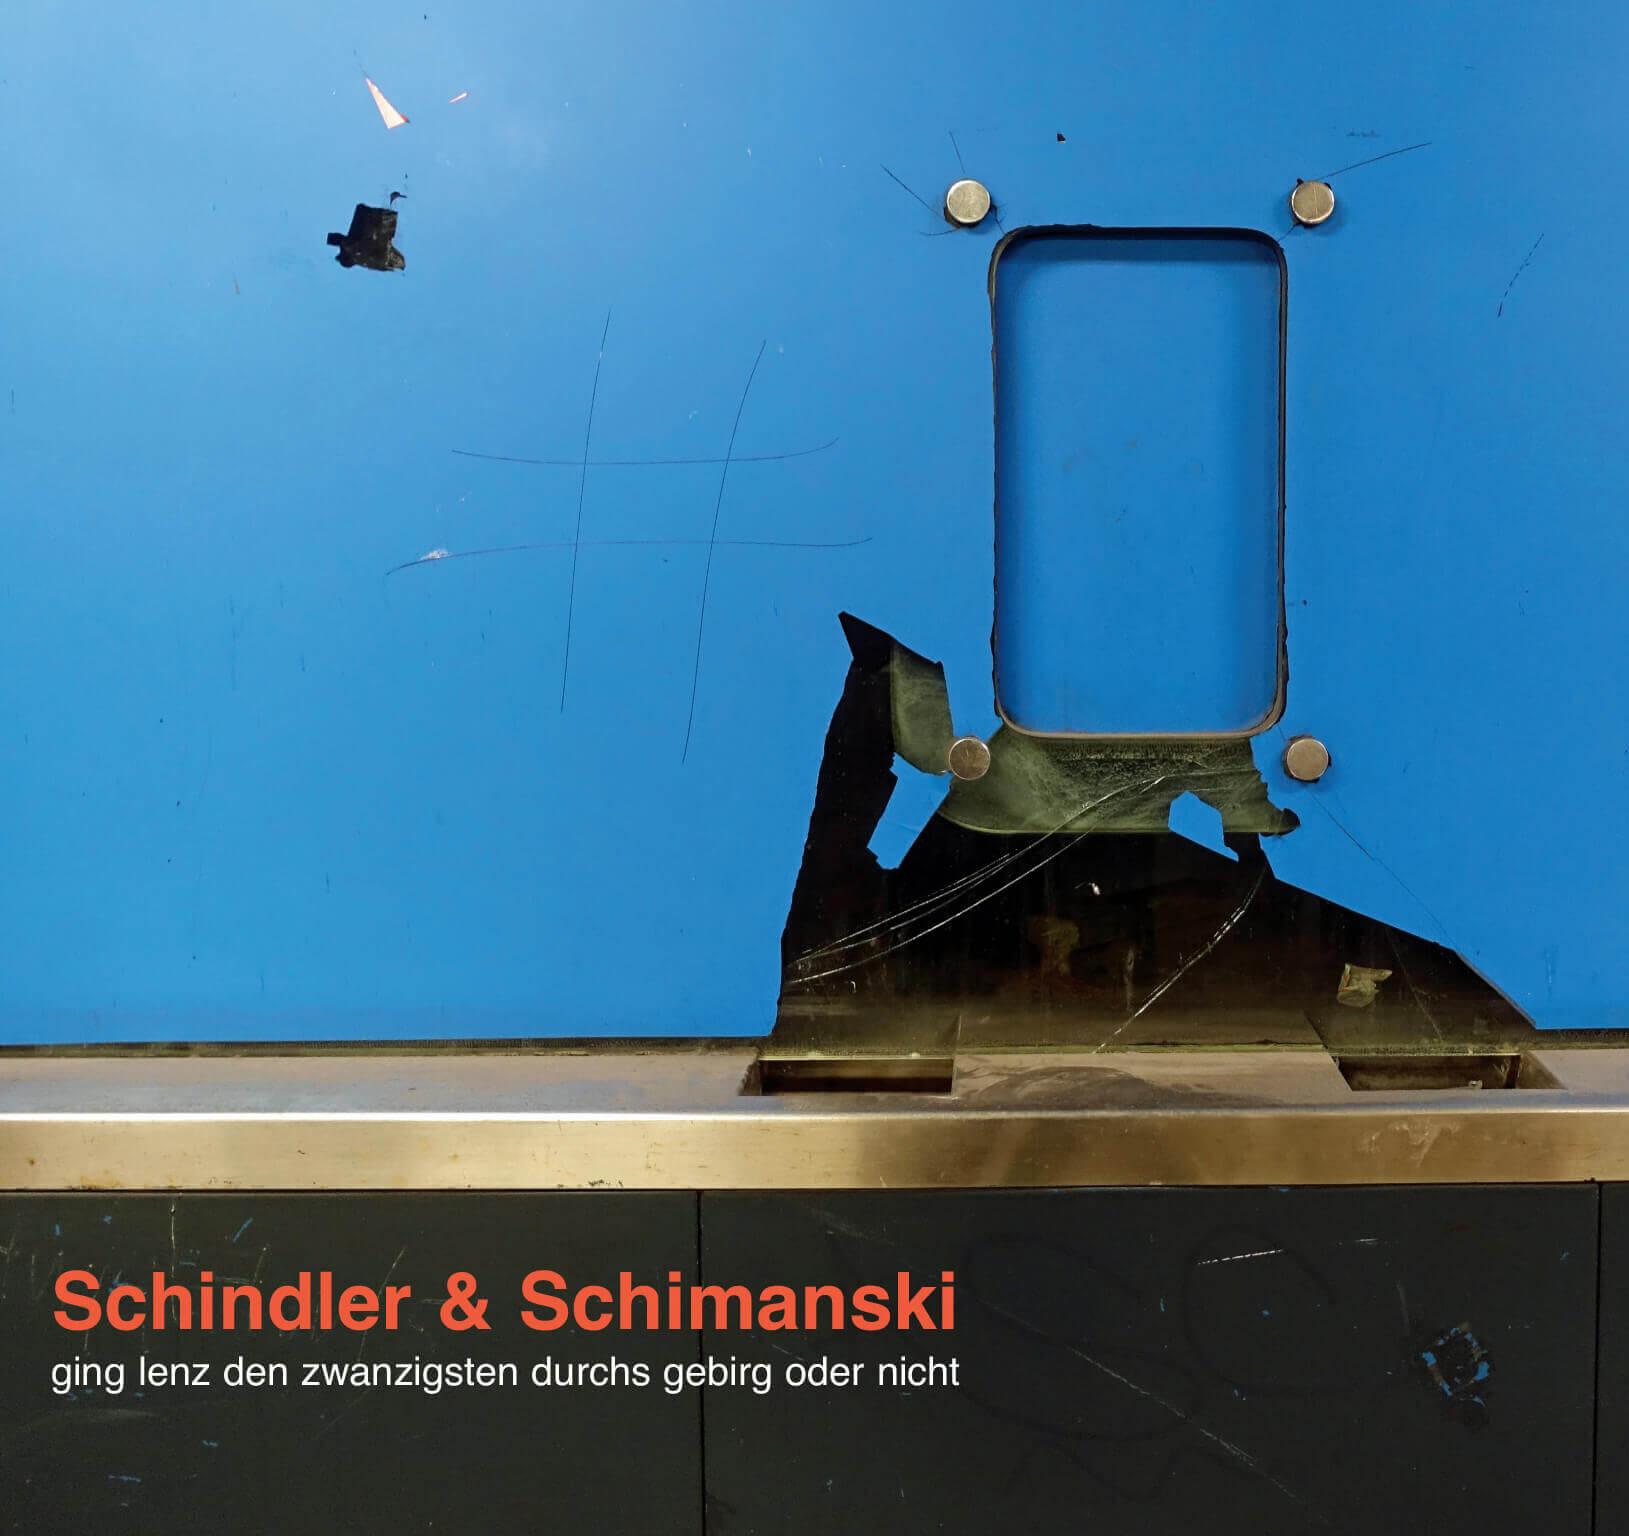 schindler+schimanski-01